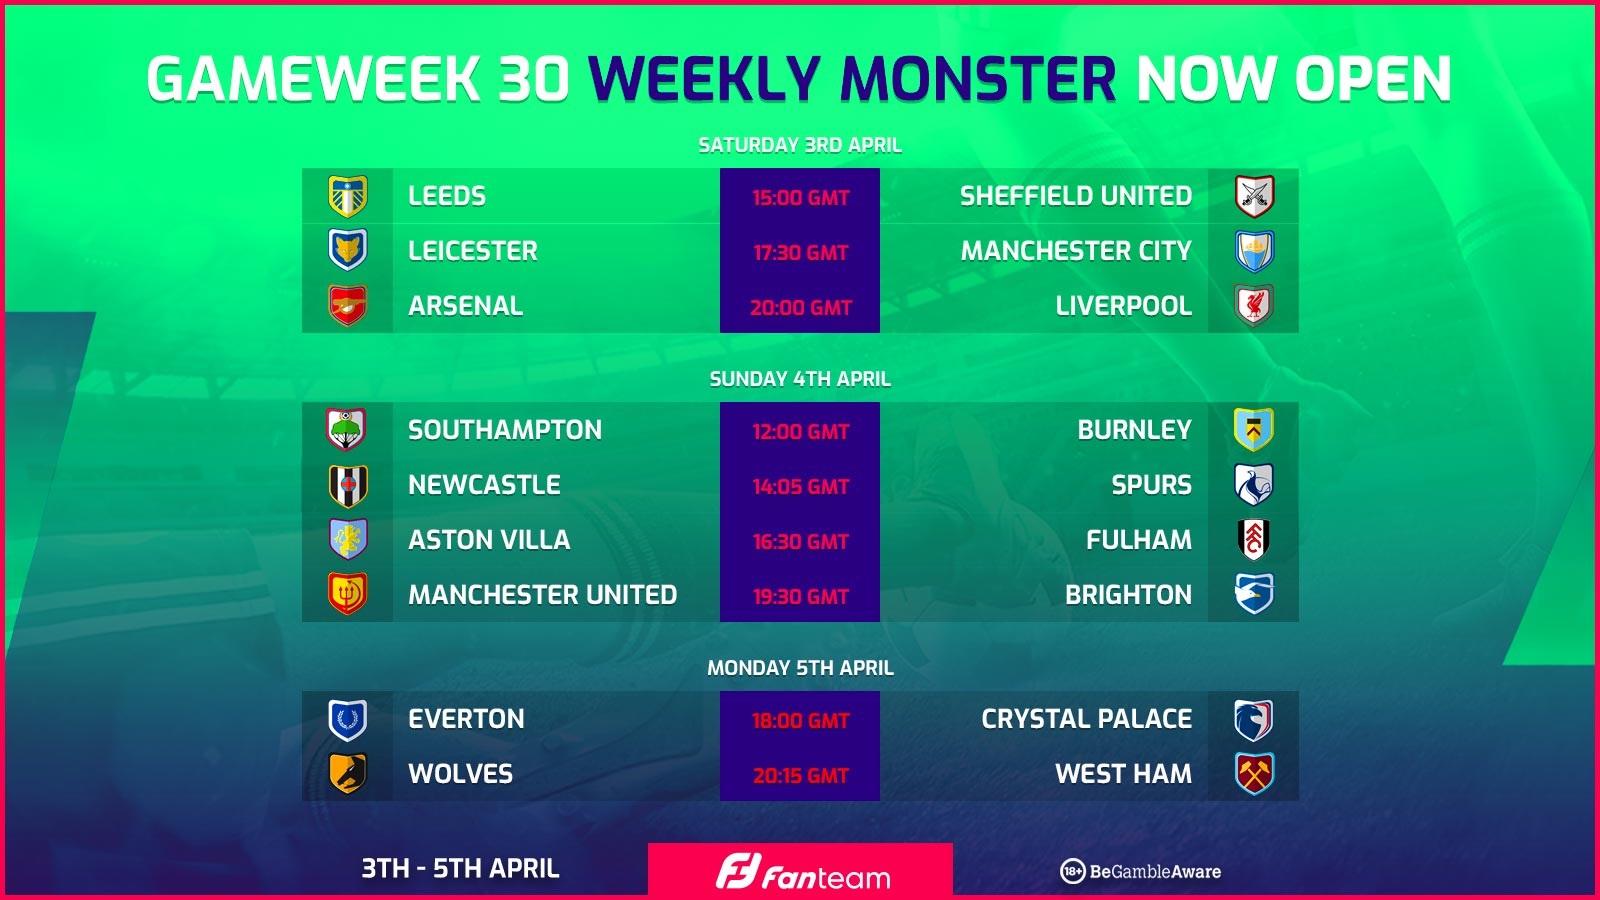 Free entry FanTeam Gameweek 30 weekly monster